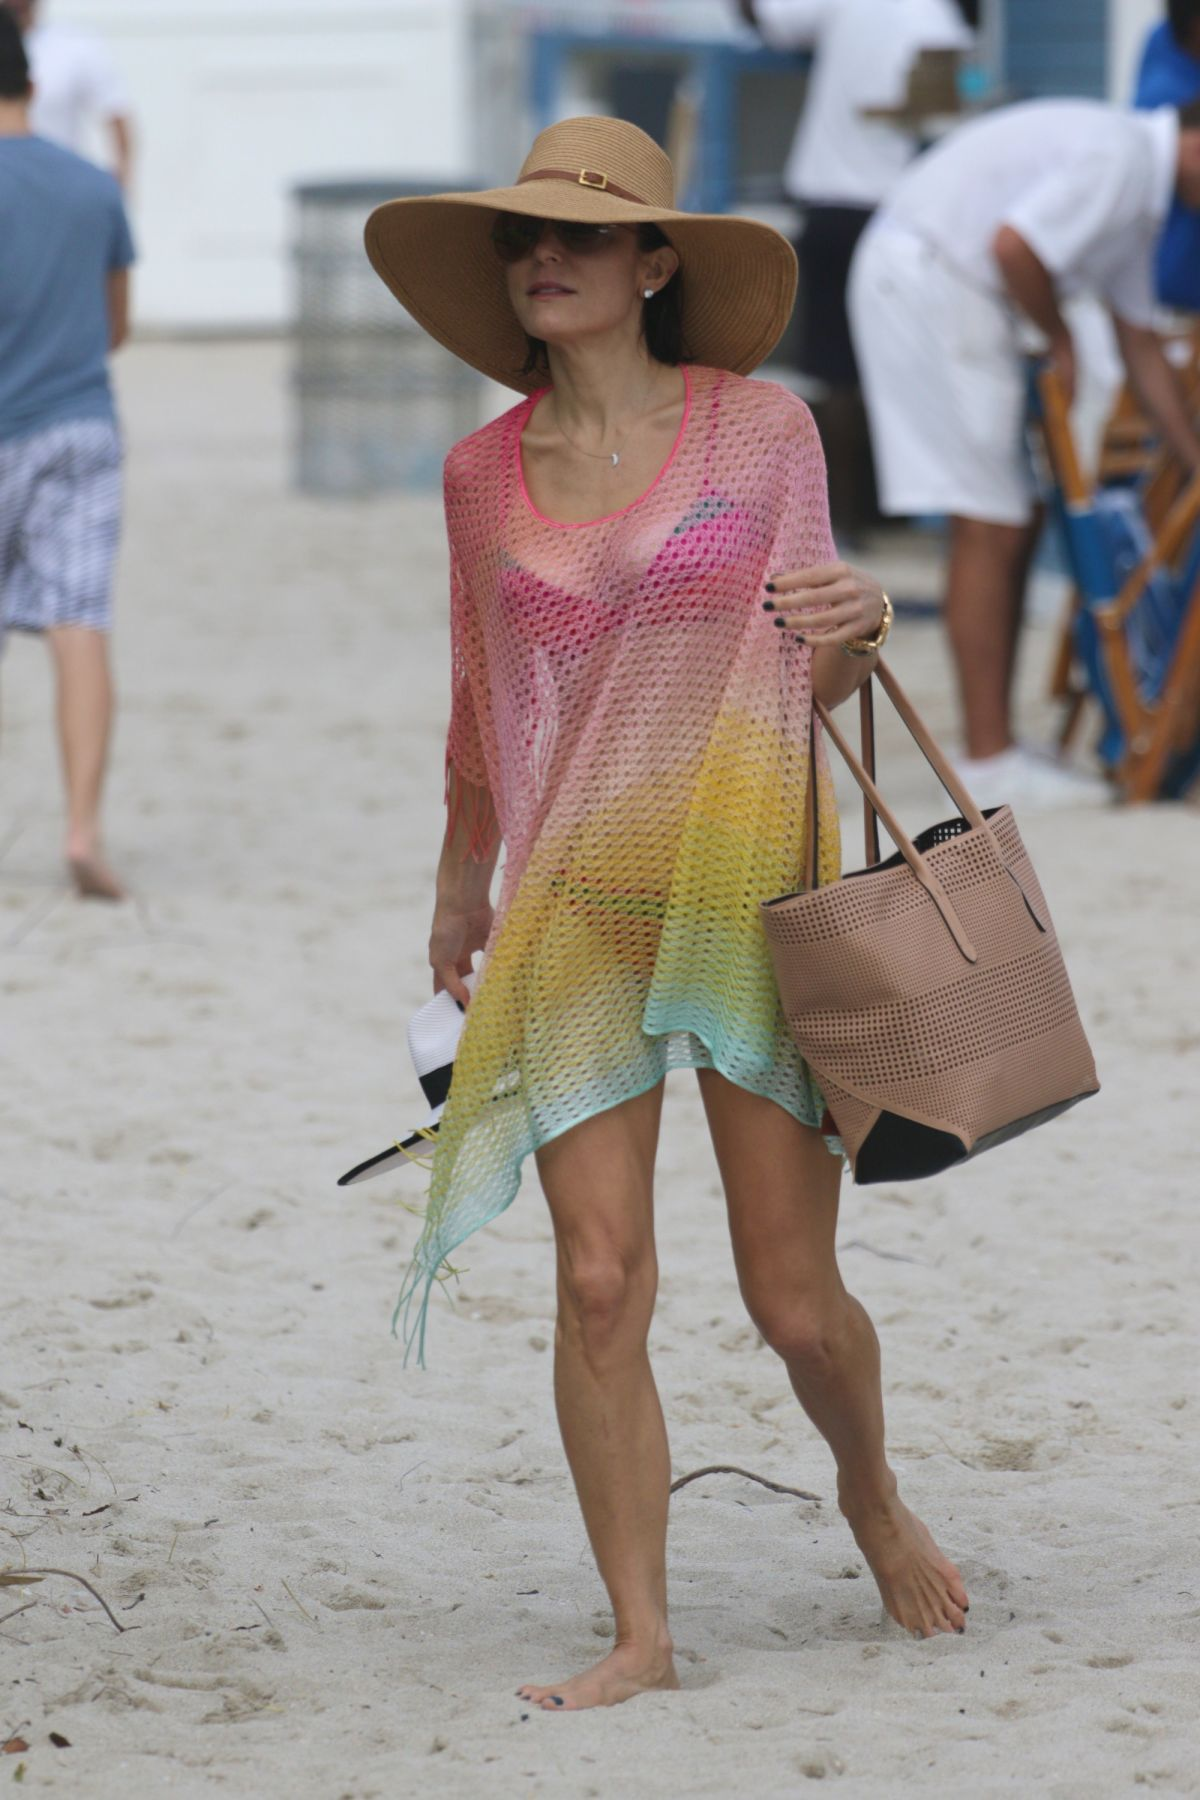 Bethenny Frankel in Bikini on the beach in Miami 2 Pic 10 of 35